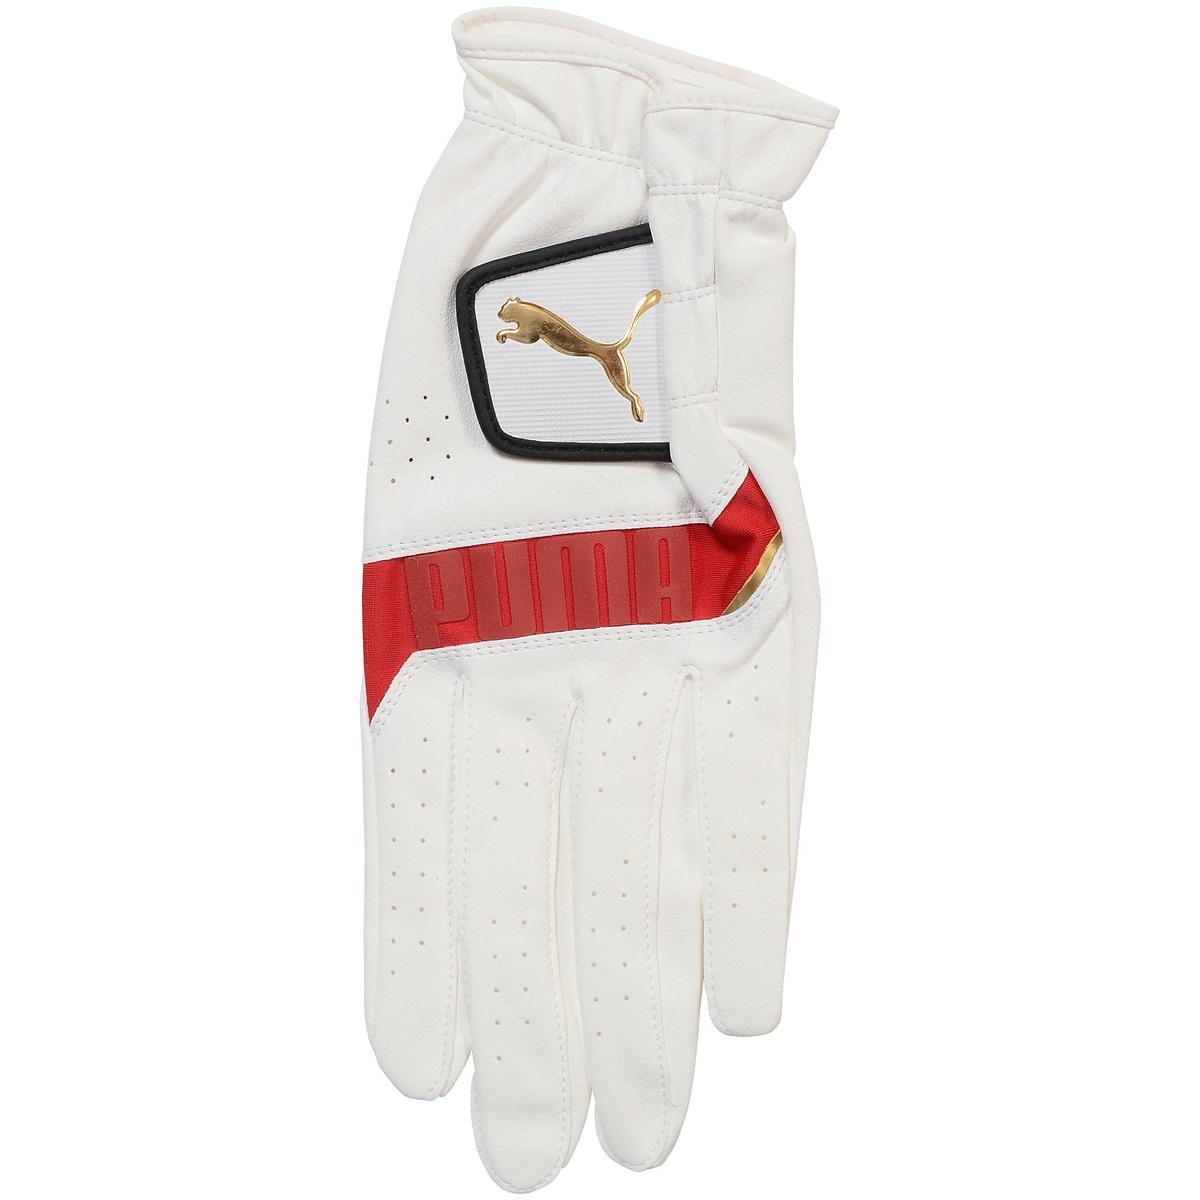 プーマ ゴルフ メンズゴルフグローブ 休日 3D パフォーマンス グローブ 2 左手用 PUMA 867771 売店 メンズ